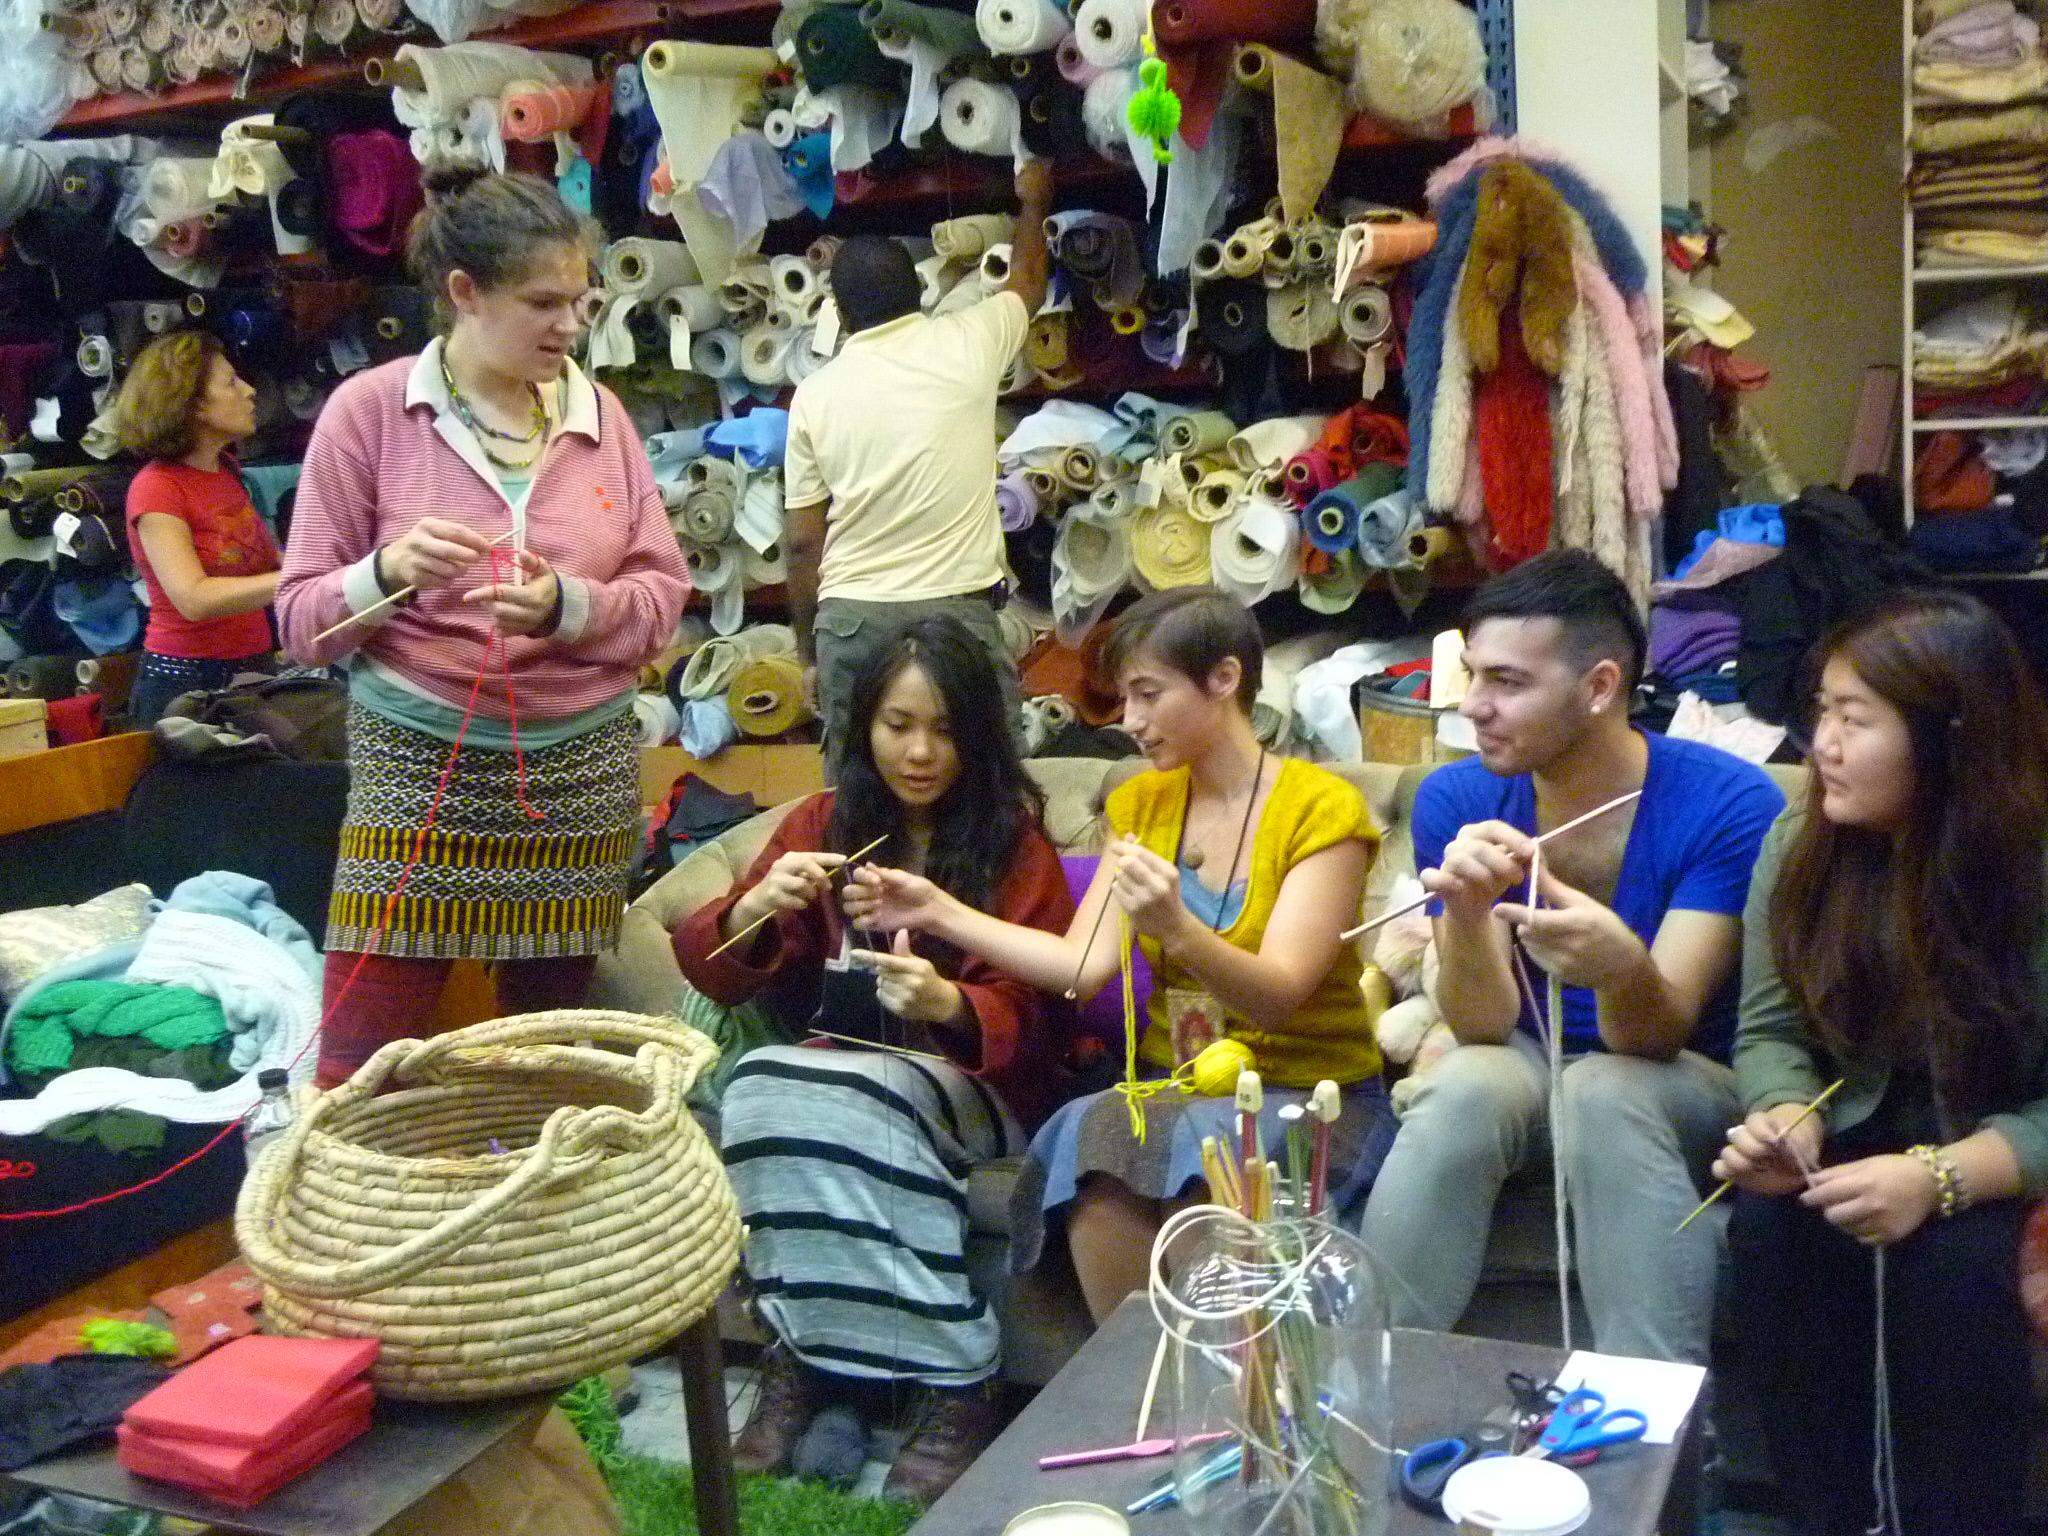 knitting-help-ii_6233859314_o.jpg